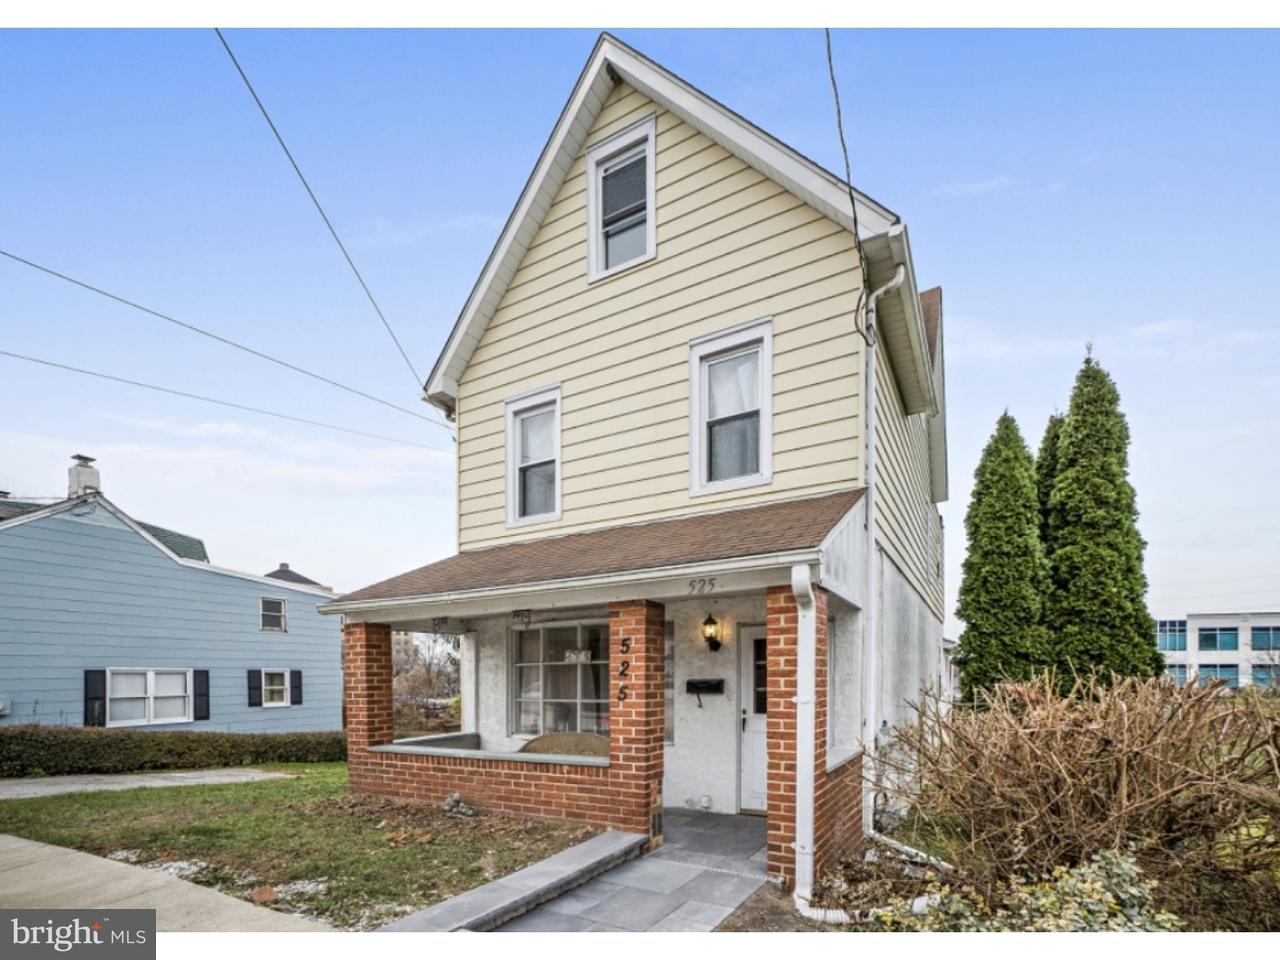 Частный односемейный дом для того Продажа на 525 SMILEY Street Crum Lynne, Пенсильвания 19022 Соединенные Штаты